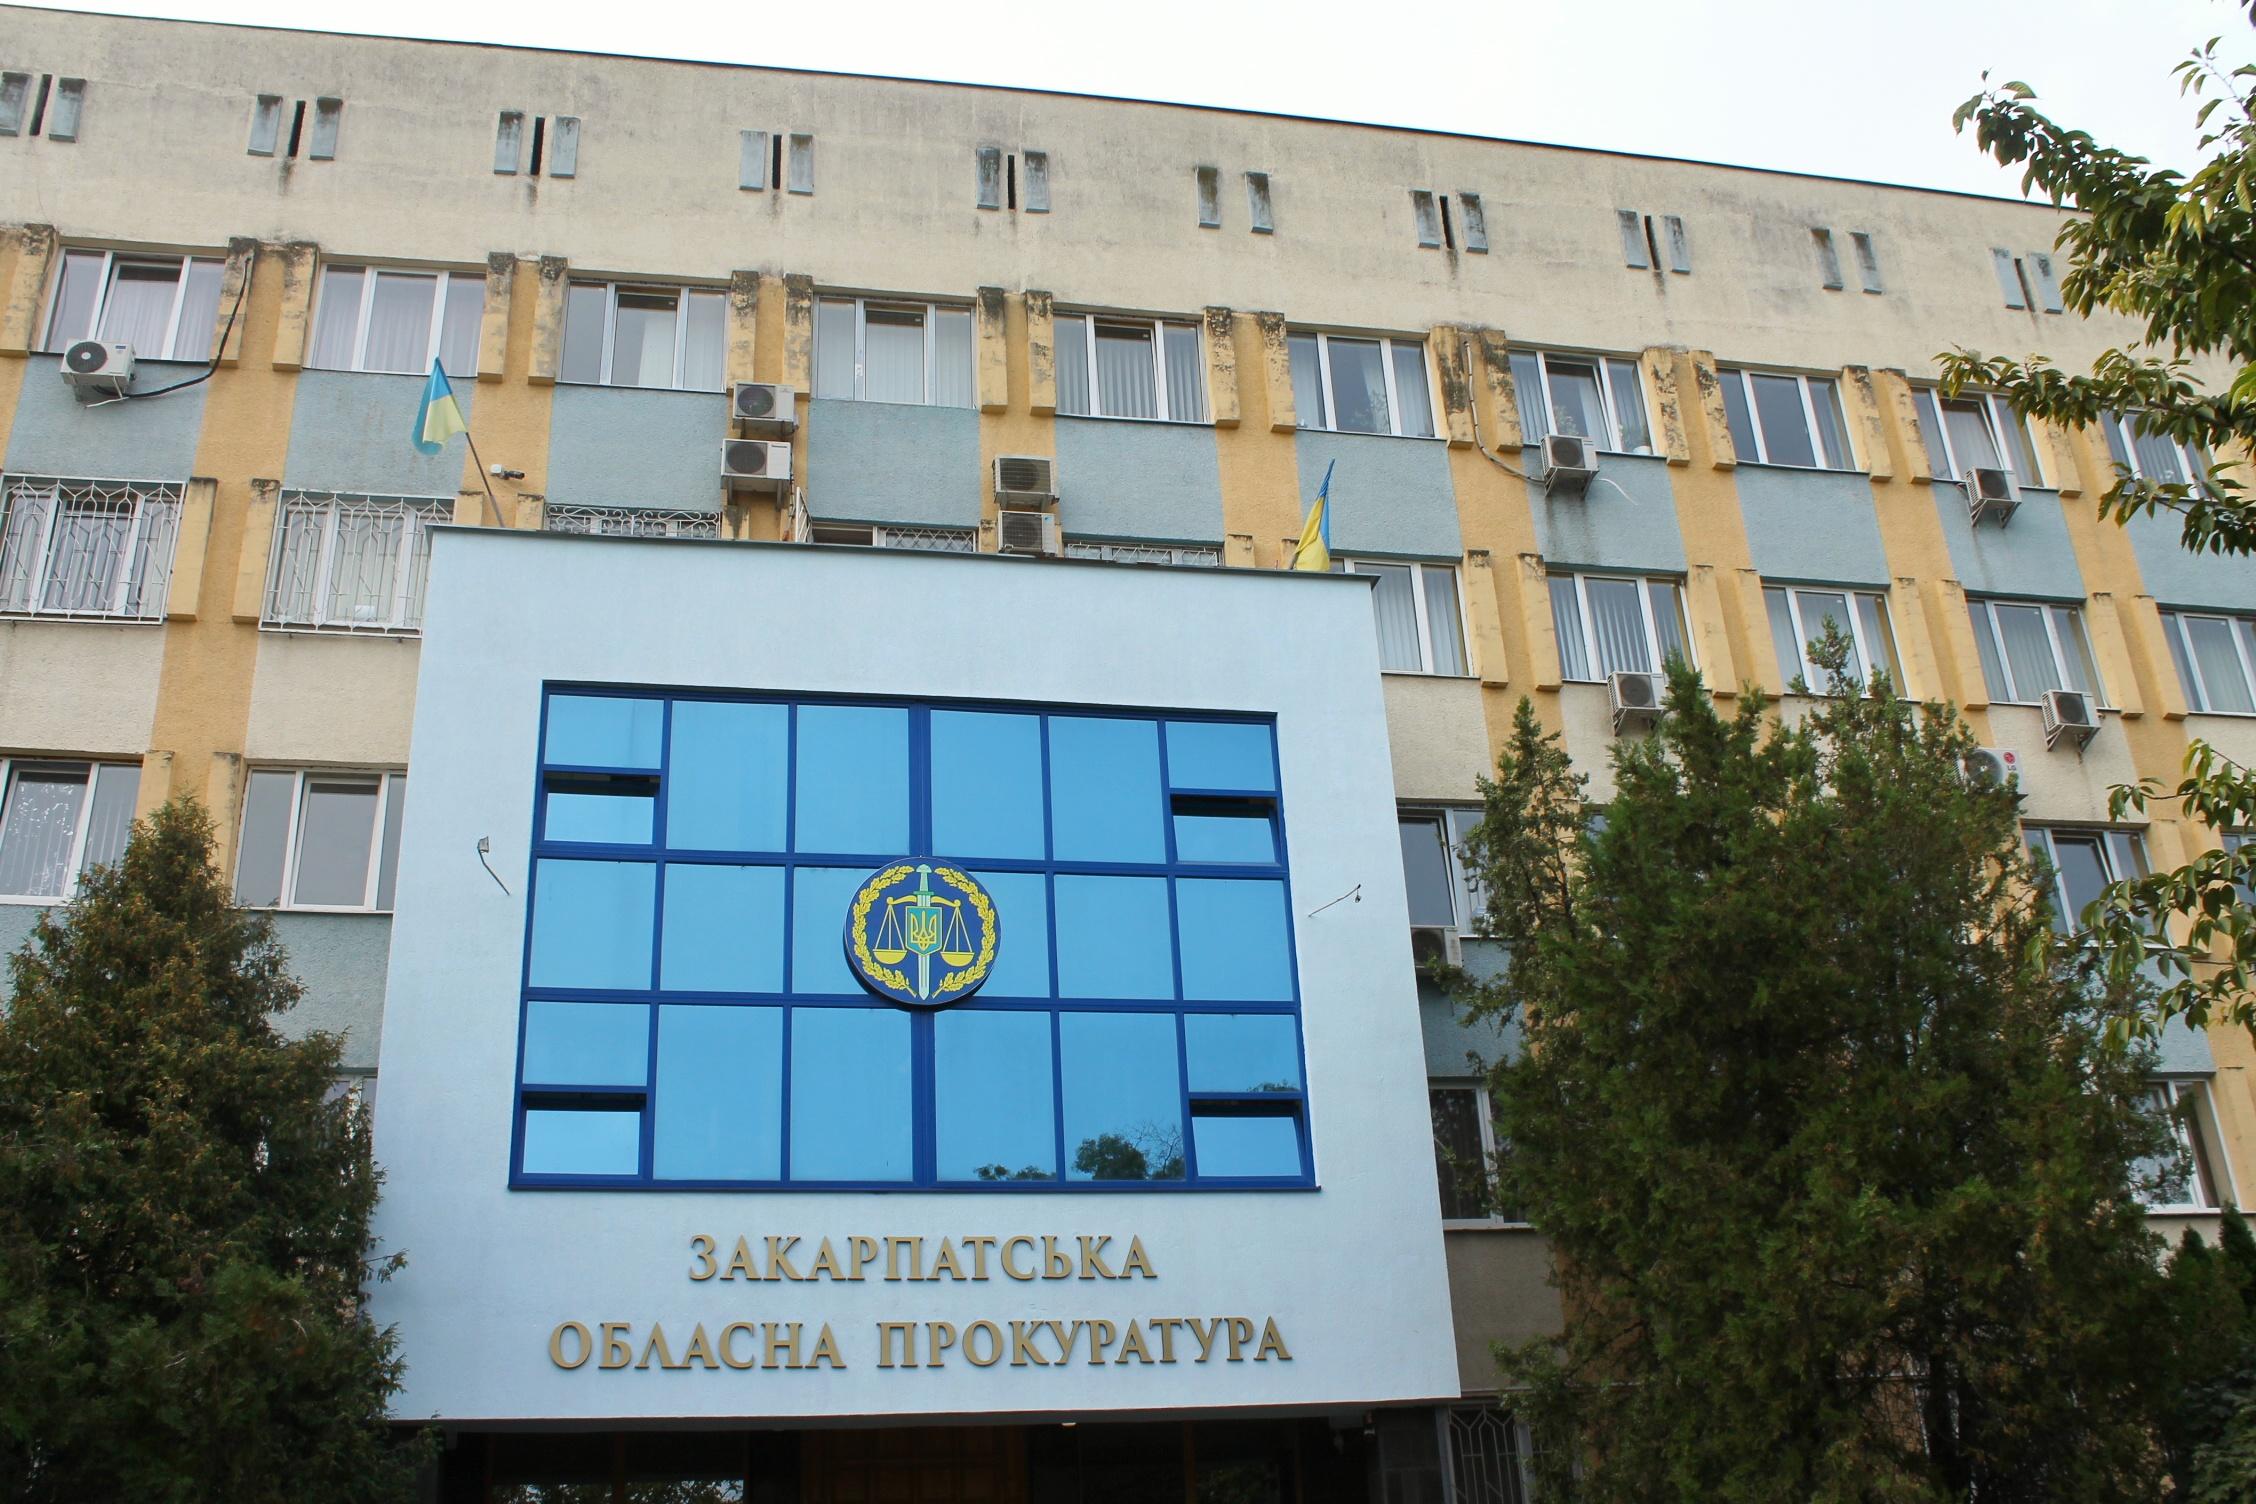 Упродовж 9 місяців 2020 року до органів прокуратури Закарпатської області надійшло 3626 звернень, з яких 1672 – вирішено по суті, зокрема 83 – від народних депутатів України.